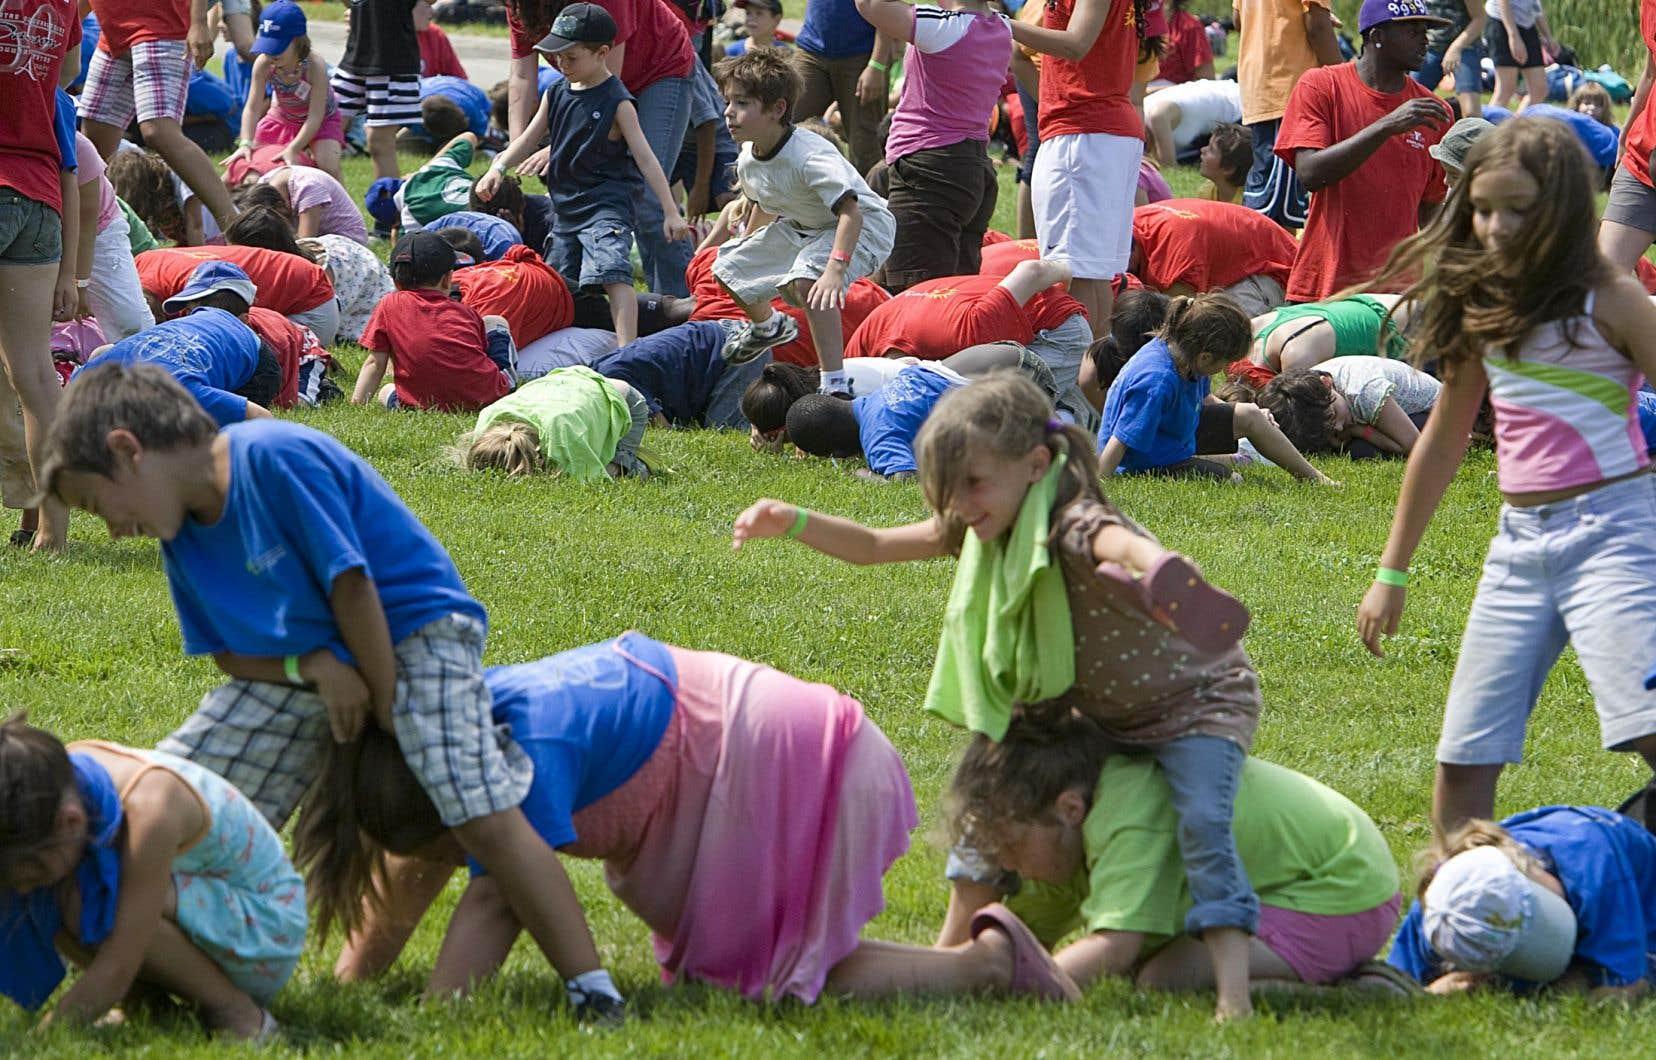 Plusieurs camps de vacances ont déjà annoncé l'annulation de leurs activités d'été.